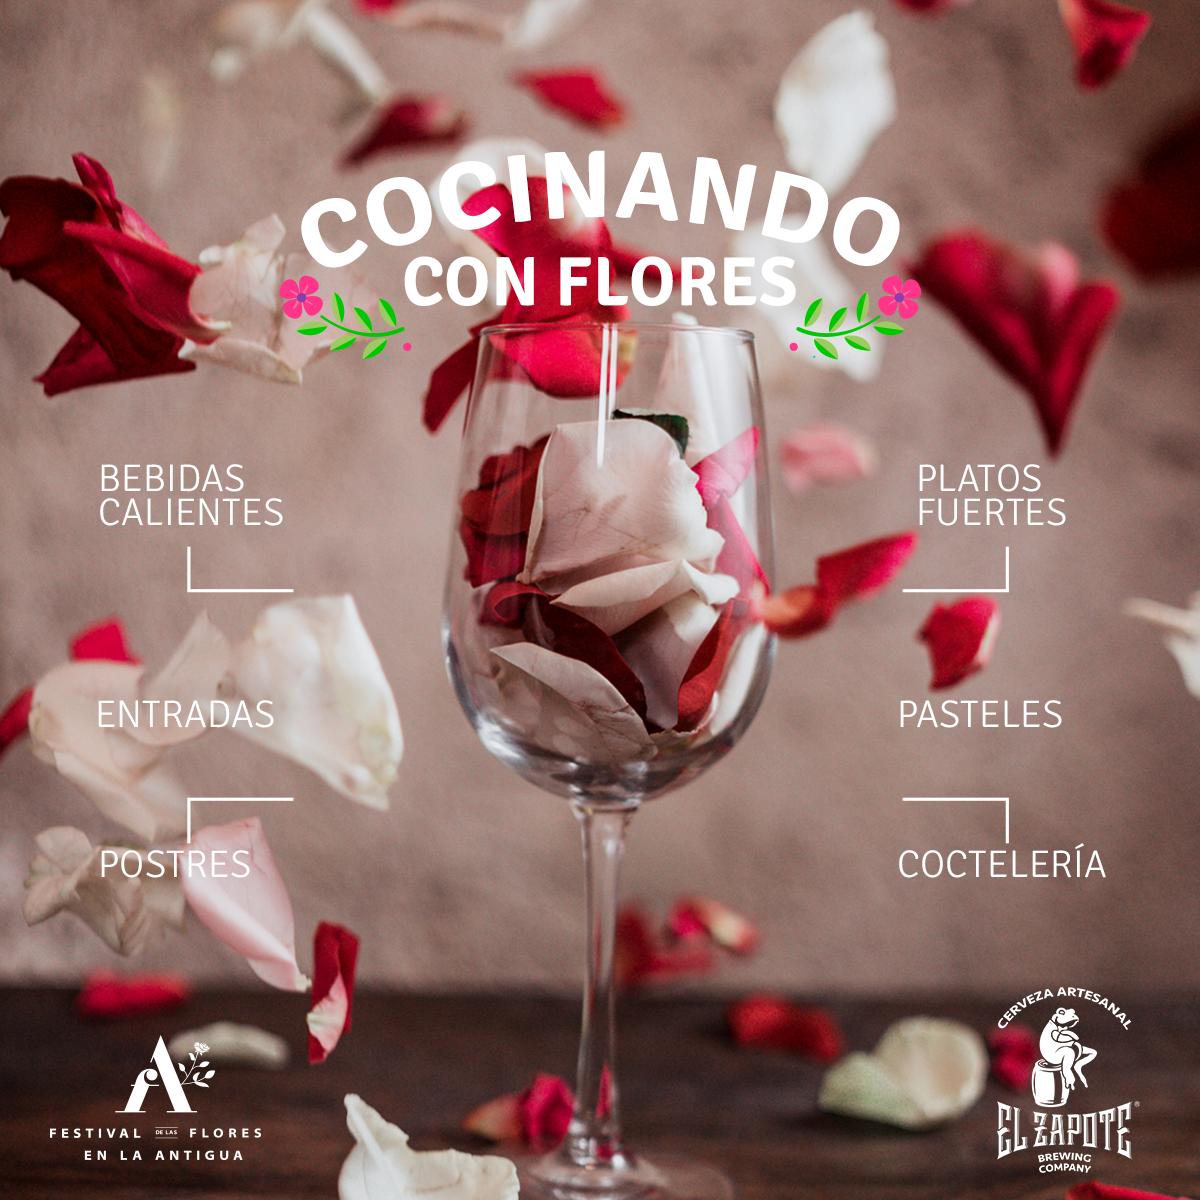 COCINANDO CON FLORES